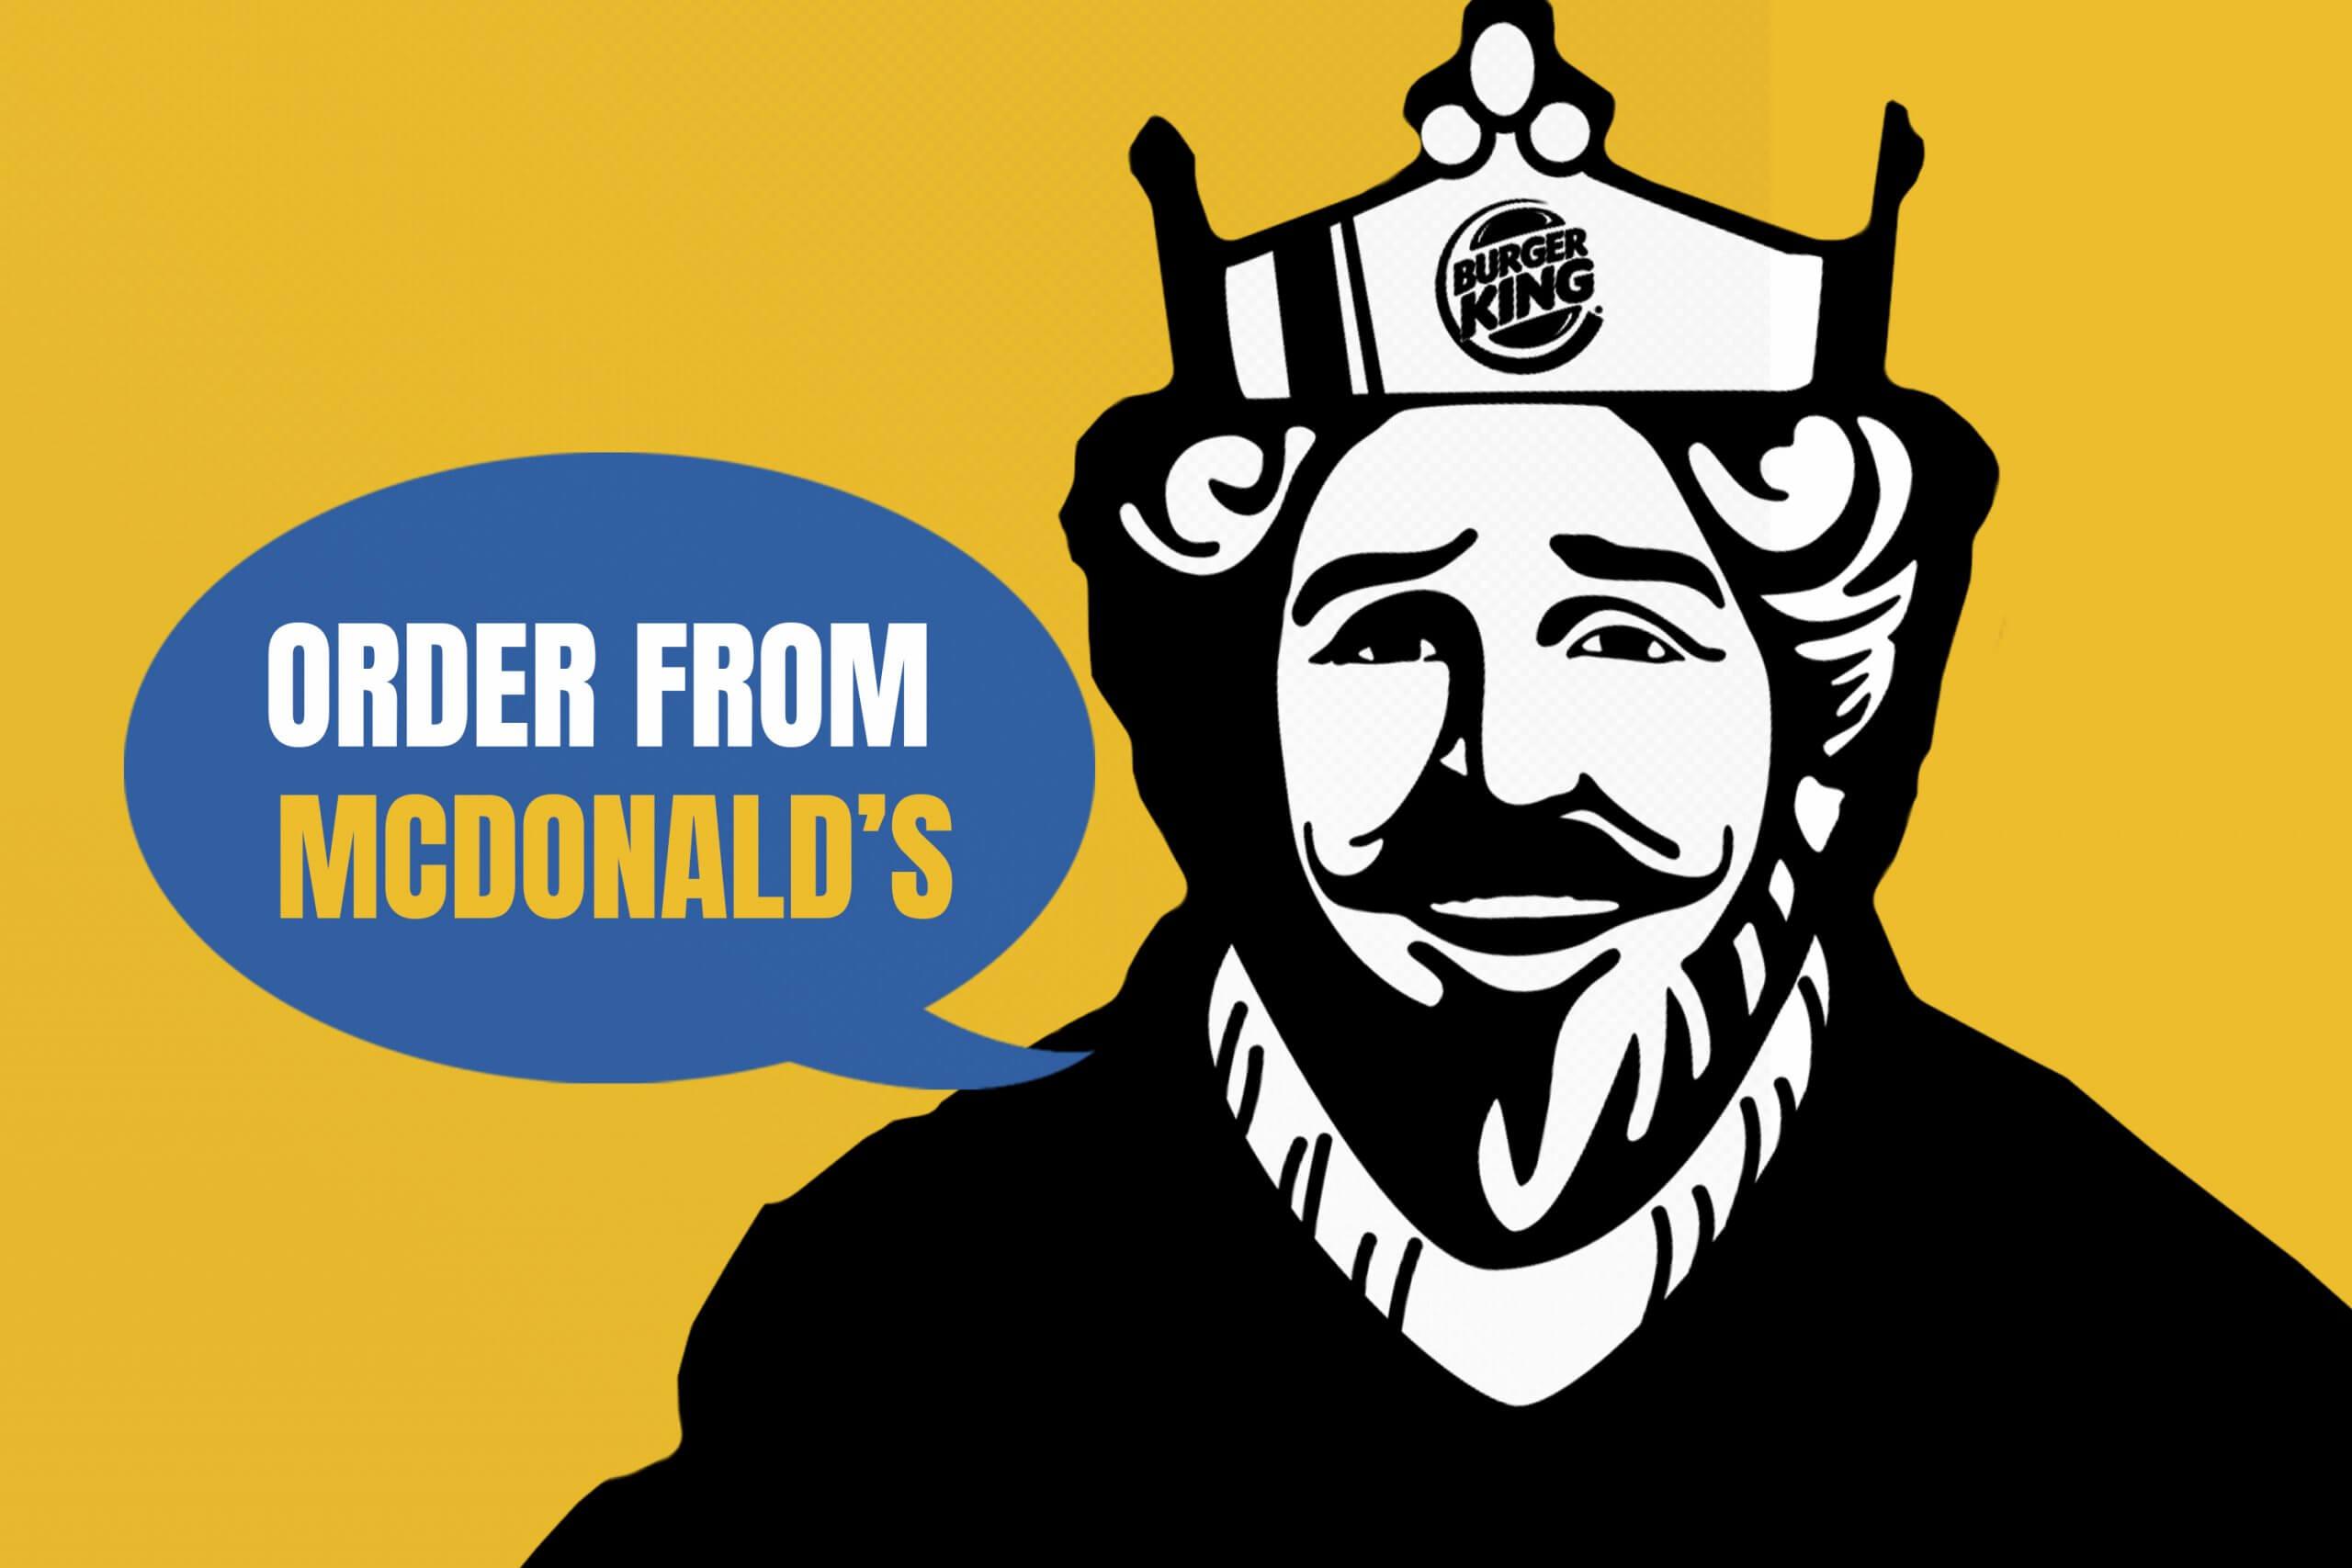 Evangelism Marketing a la Burger King